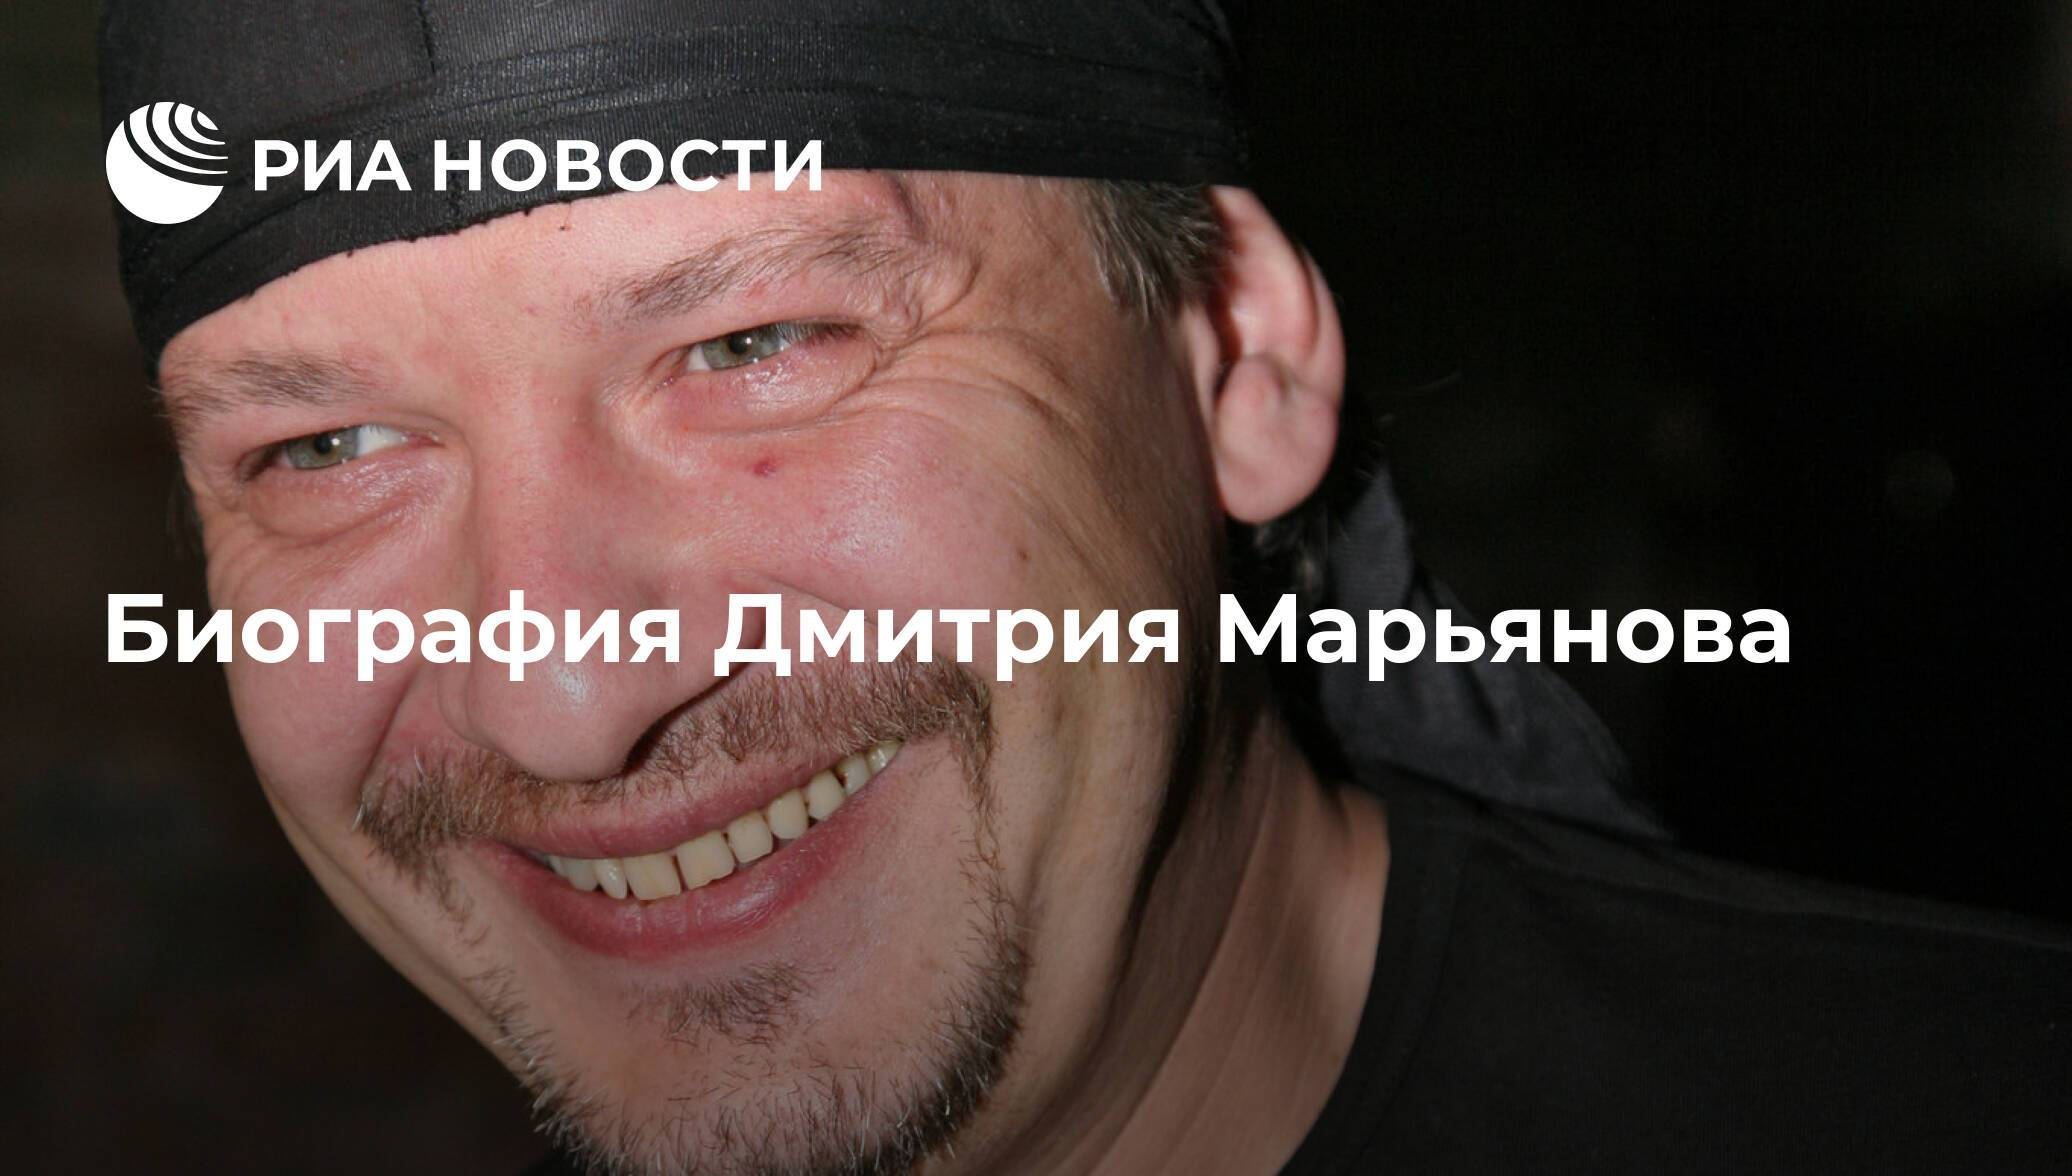 Сын дмитрия марьянова, даниил аносов: фото